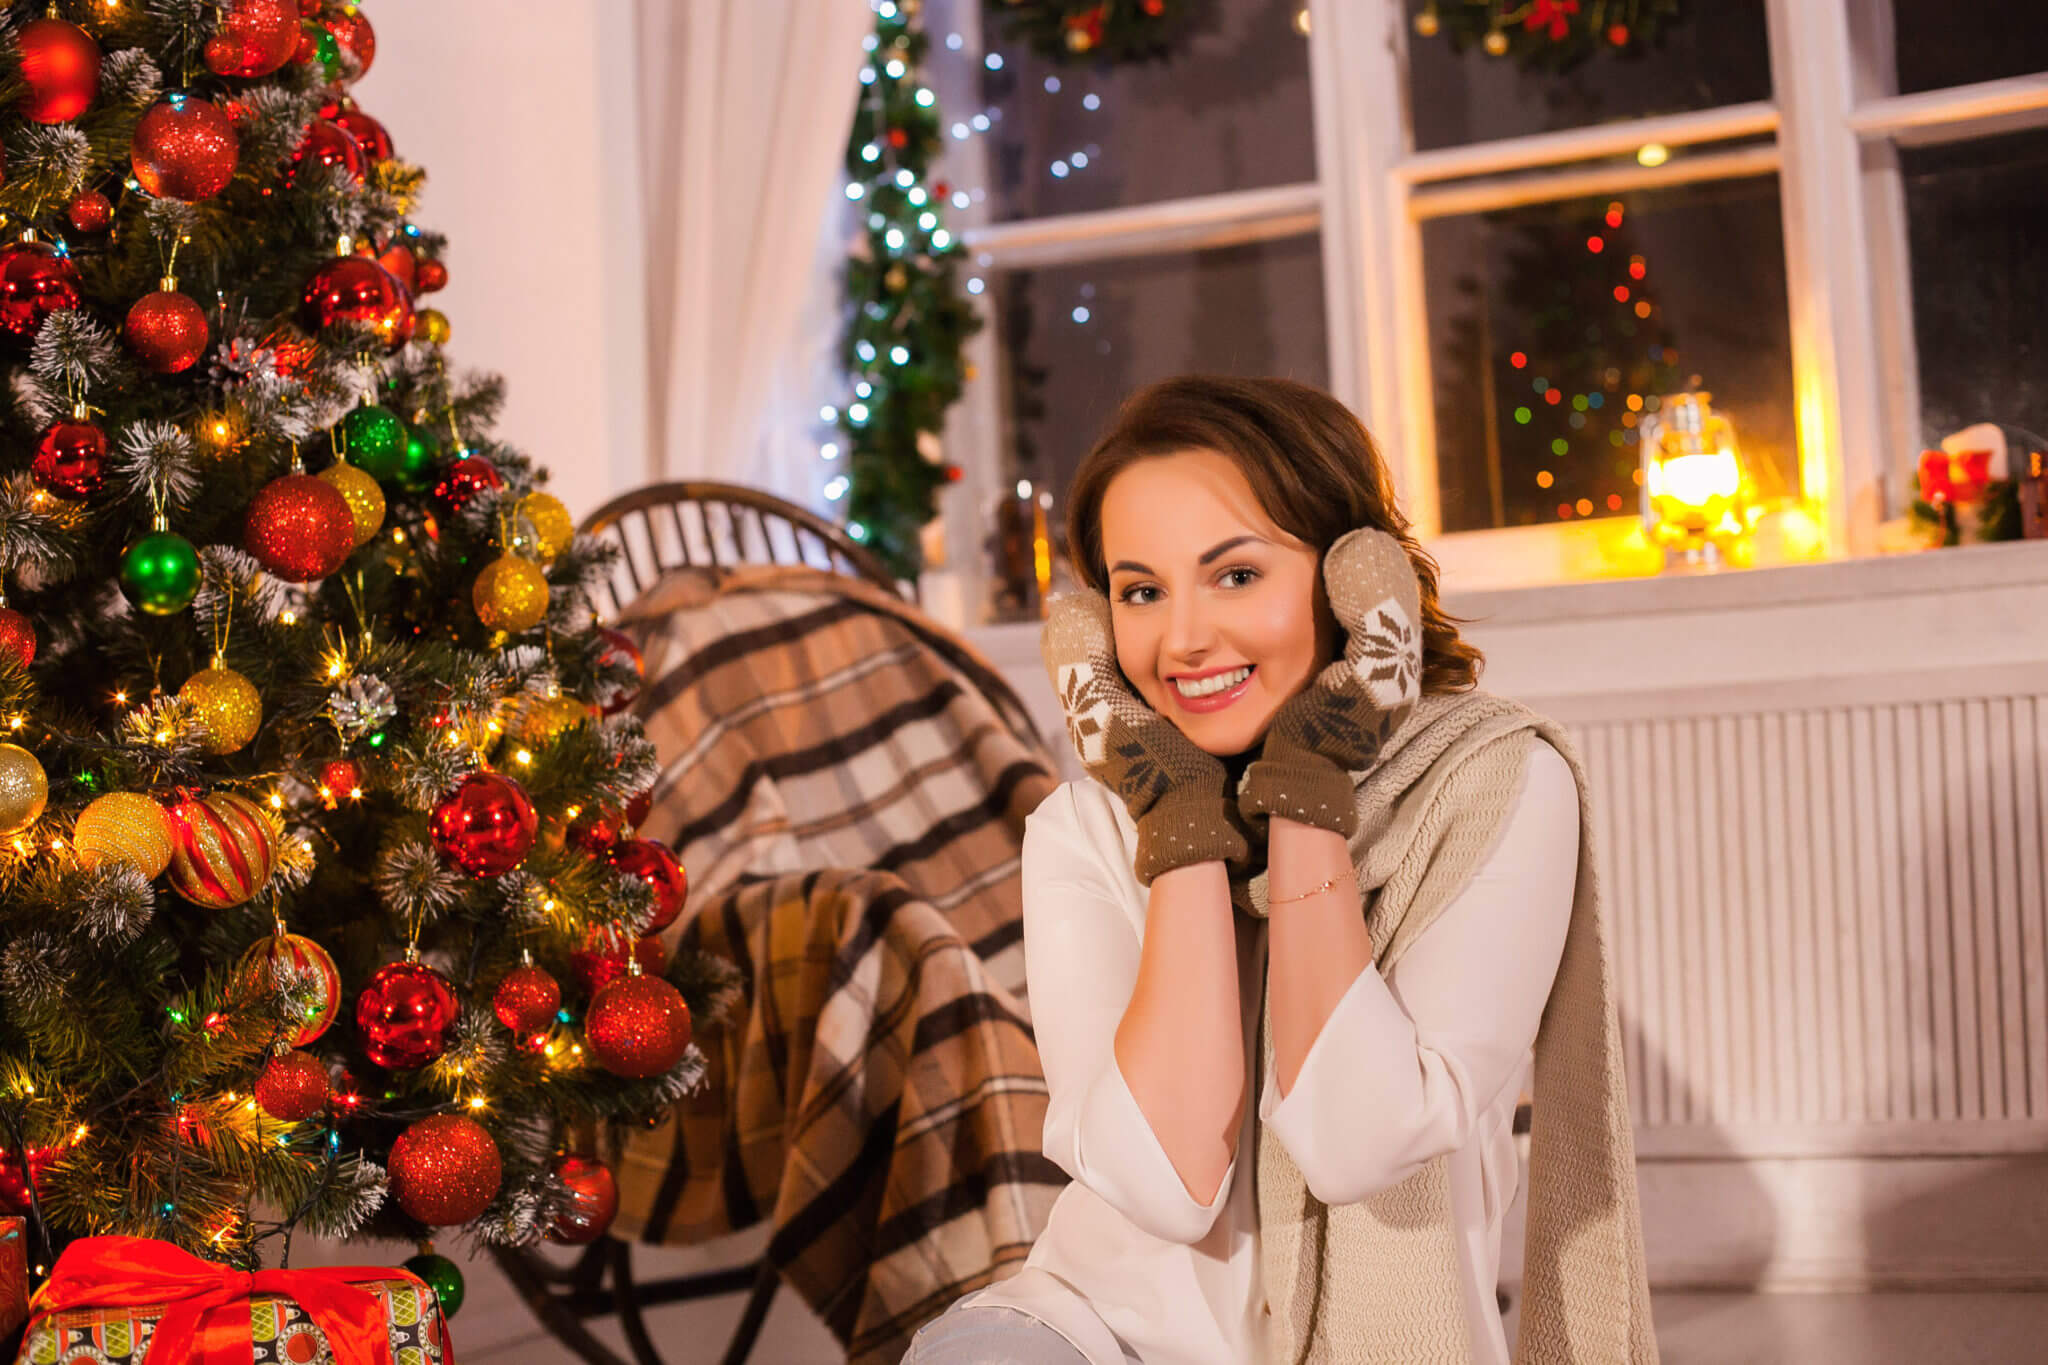 Новогодняя фотосессия, девушка на фоне новогодней елки и кресла-качалки